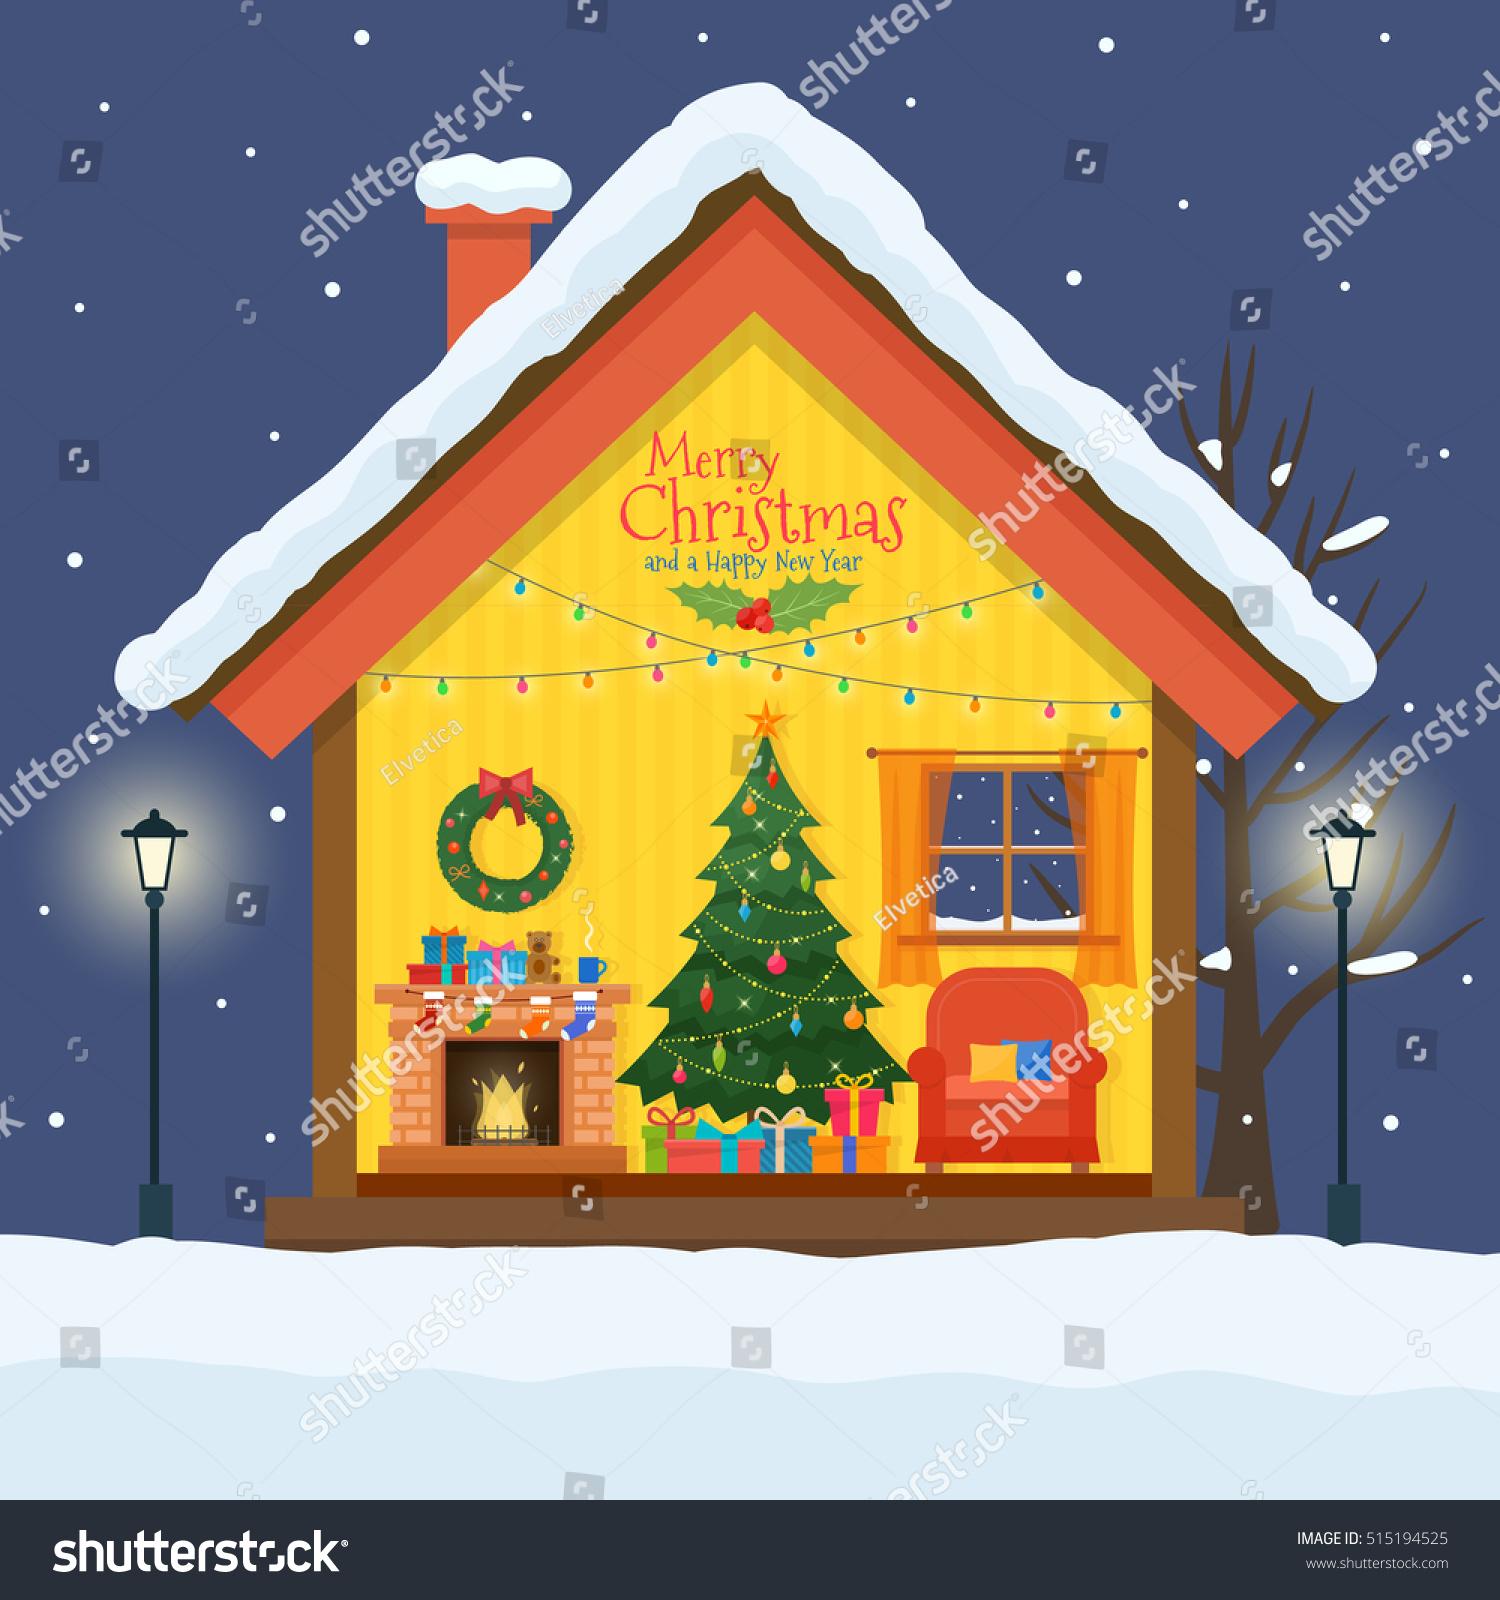 christmas house cut snow house interior vectores en stock